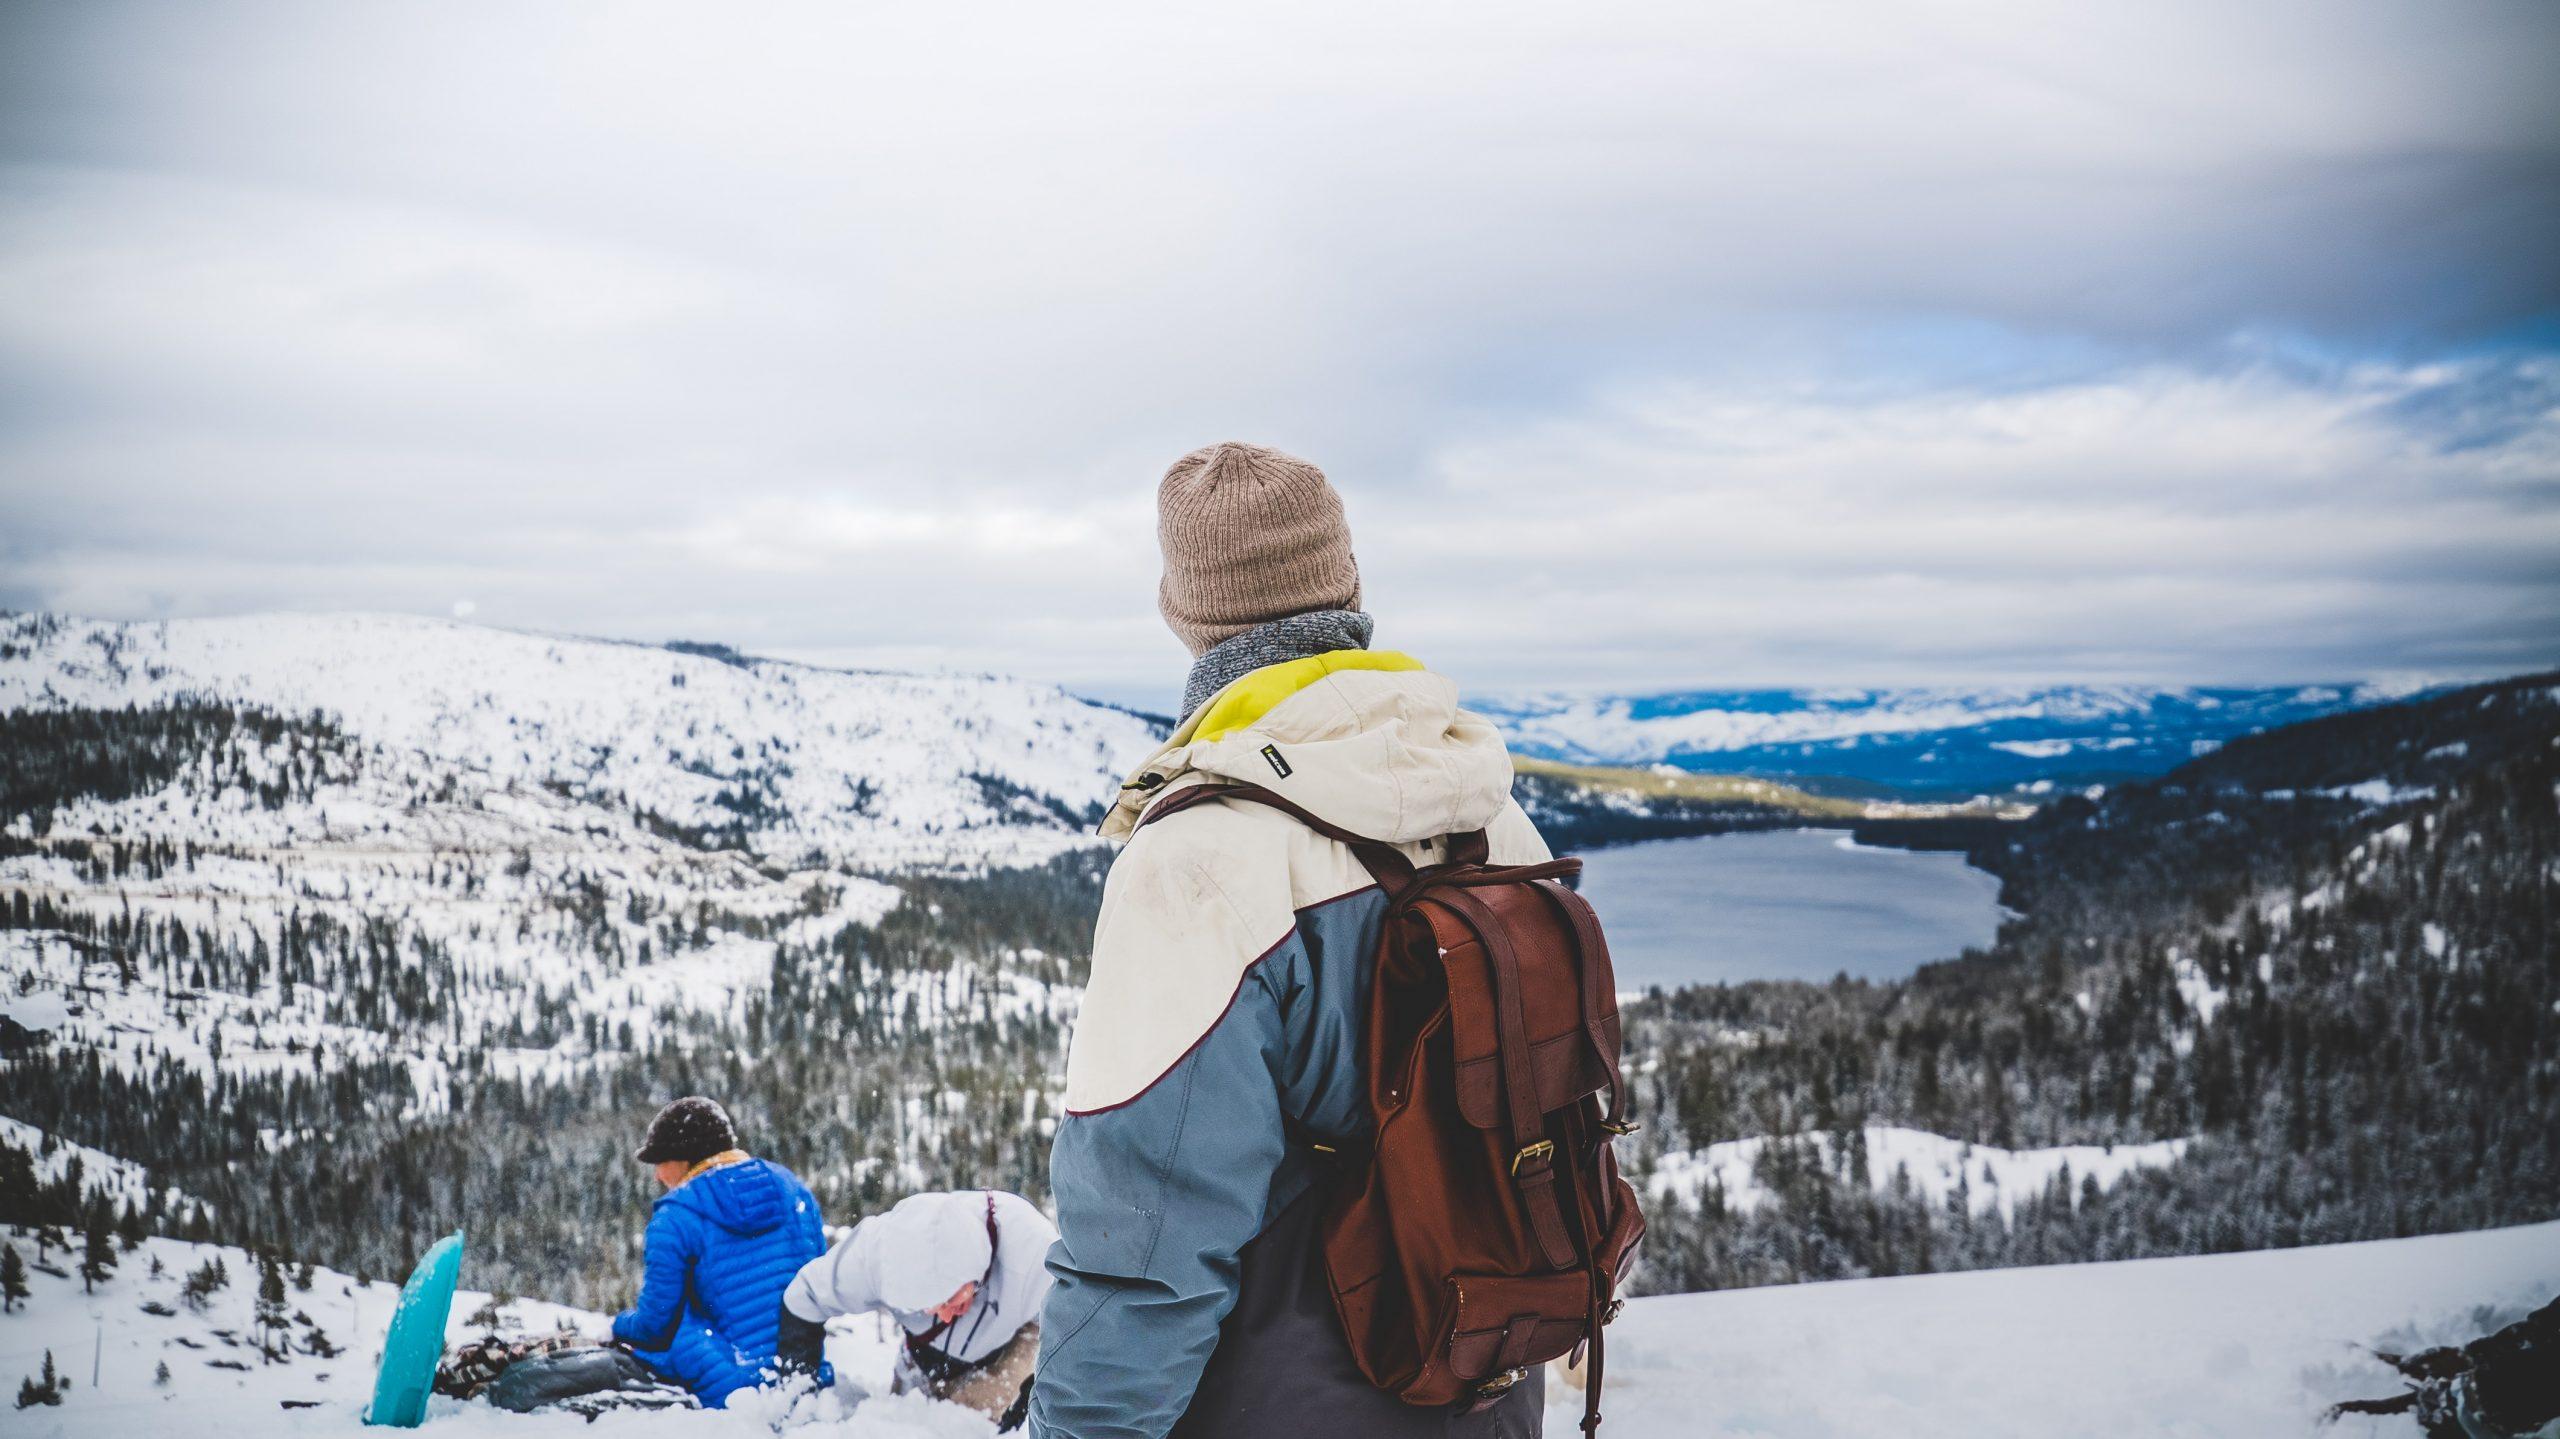 reno winter activities